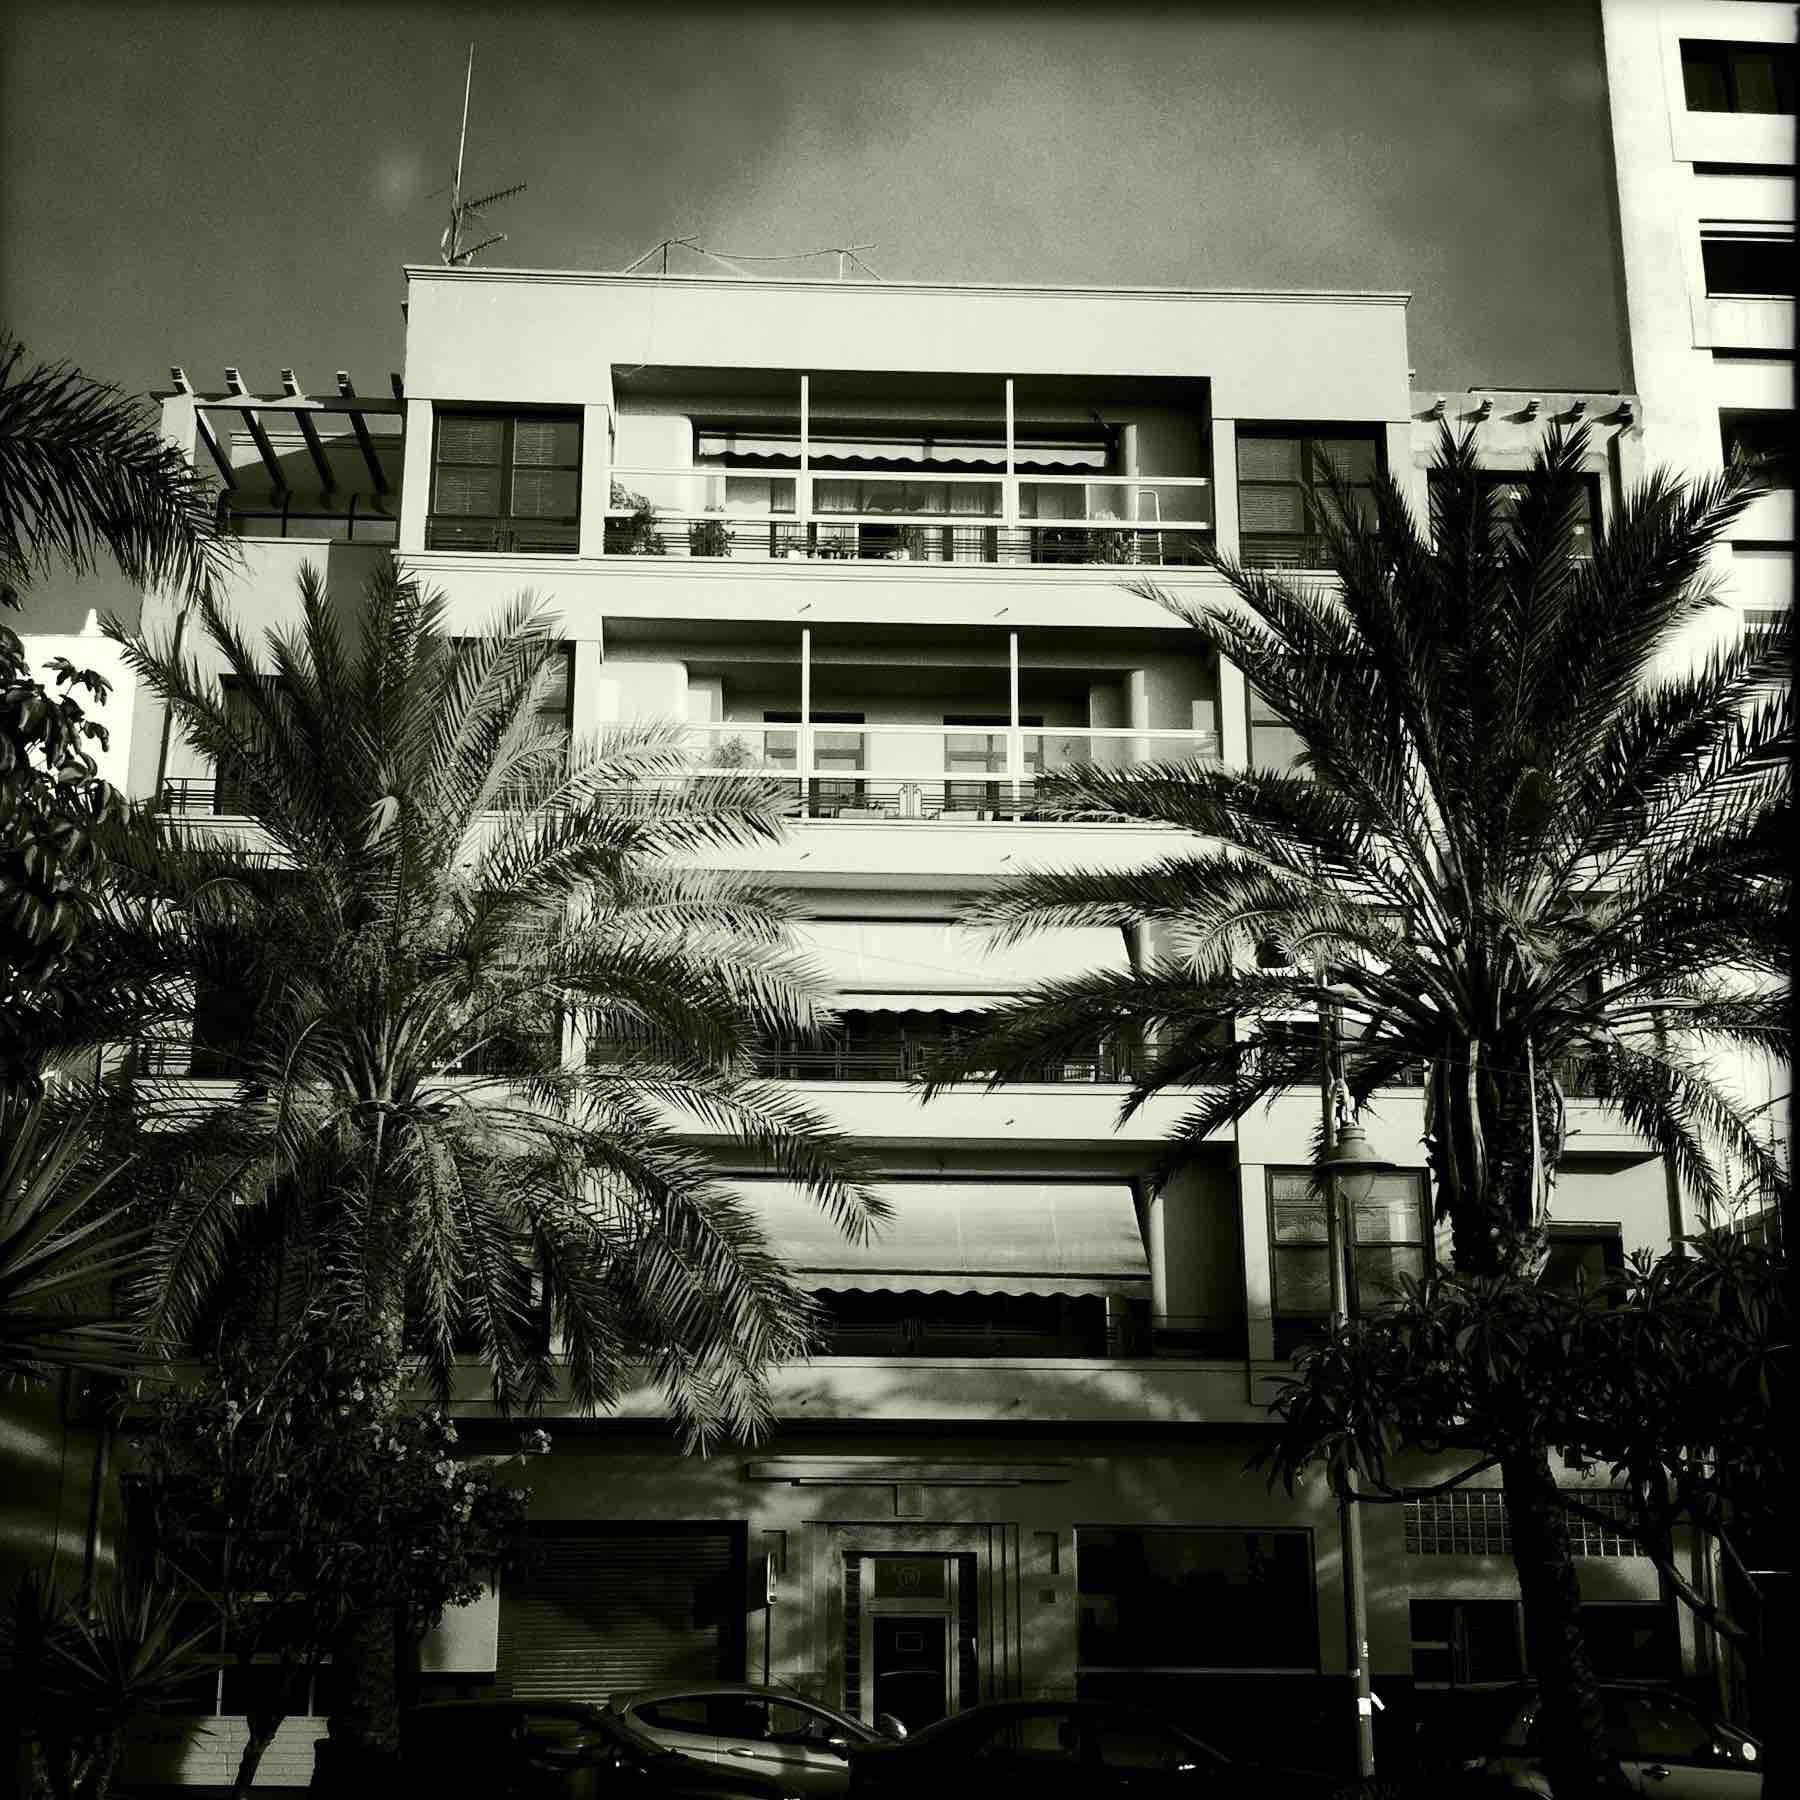 🅟 Borrás penthouse, Ceuta (Spain) 2012